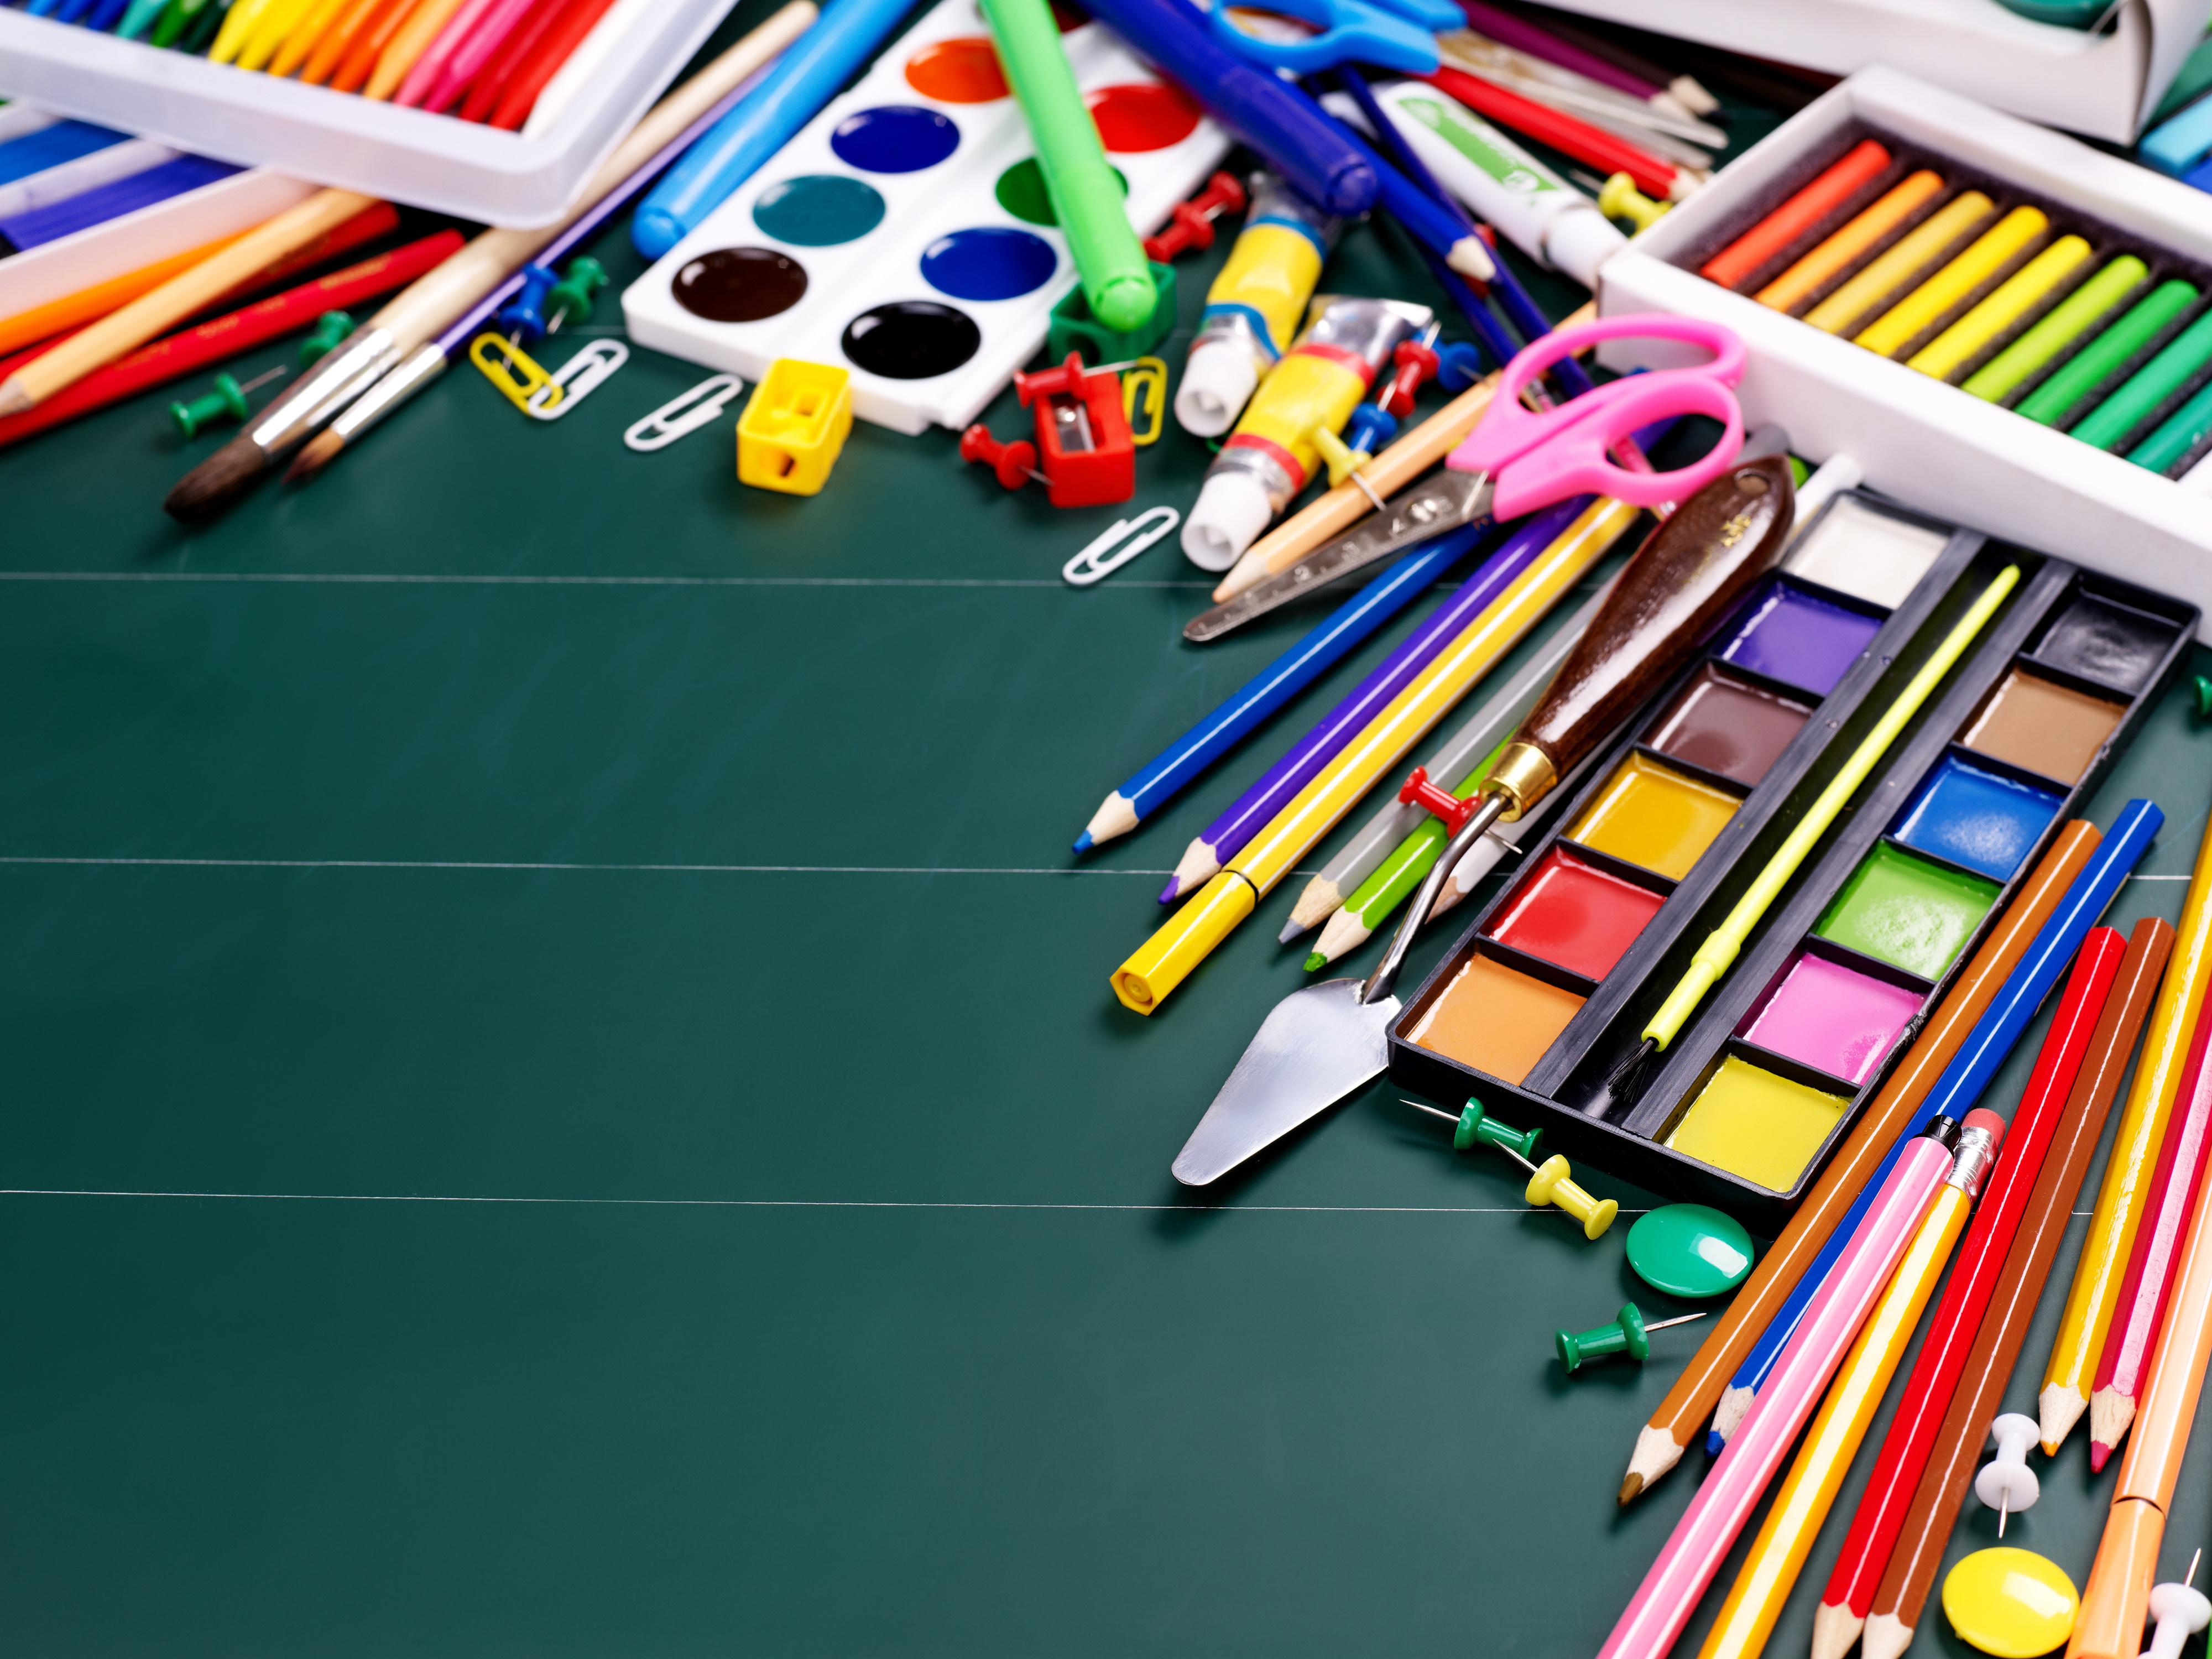 Фотографии Канцелярские товары школьные карандаша Шариковая ручка 4000x3000 Школа карандаш Карандаши карандашей